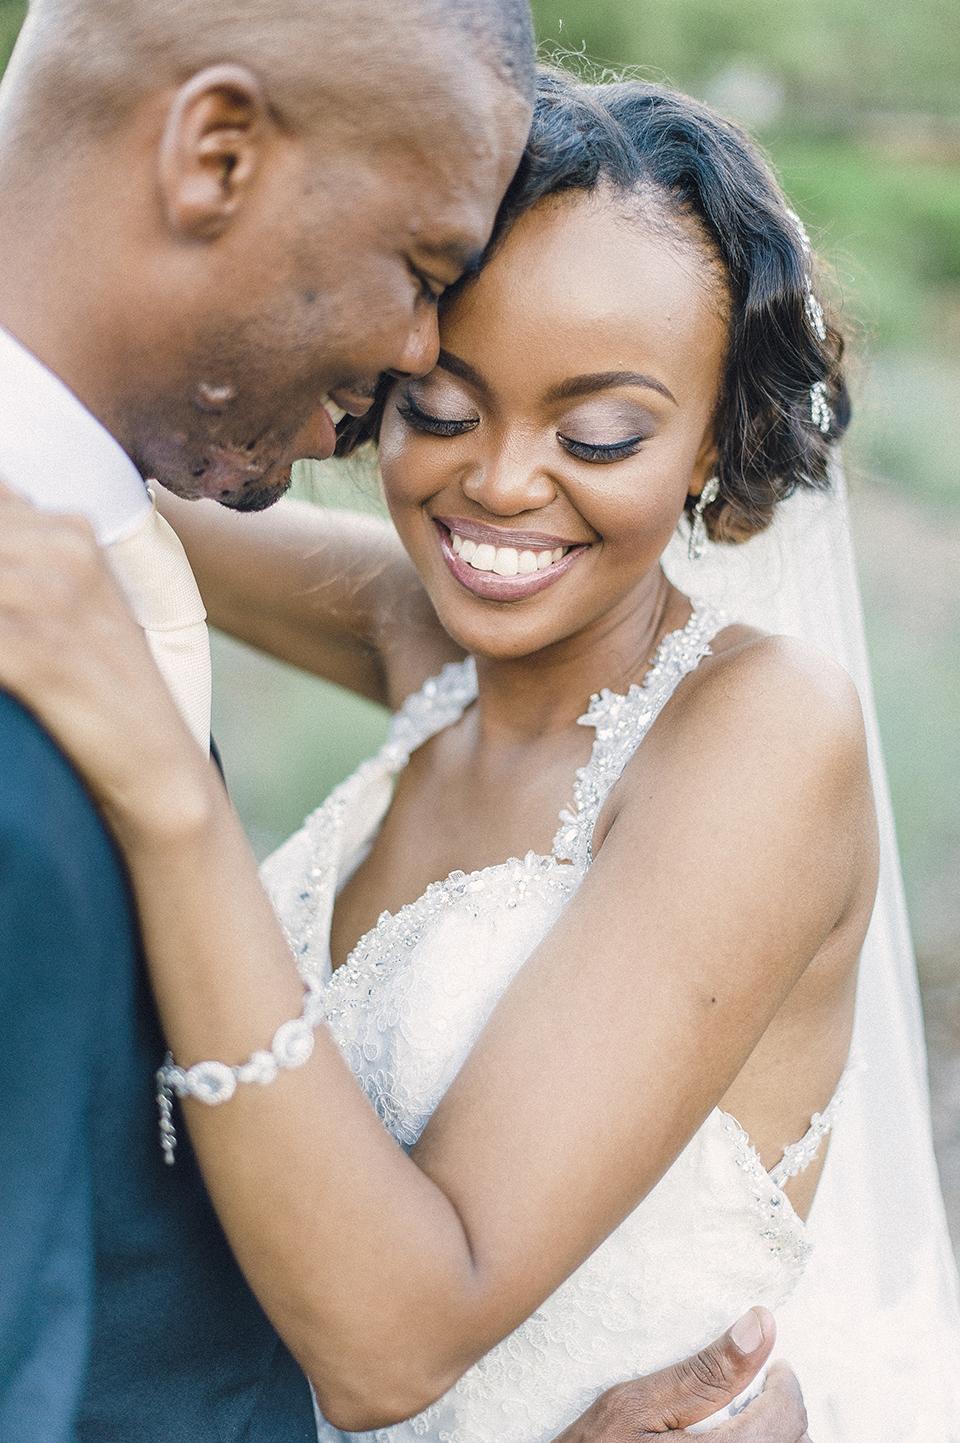 RyanParker_WeddingPhotographer_FineArt_CapeTown_Johannesburg_Hermanus_Avianto_T&L_DSC_9237.jpg